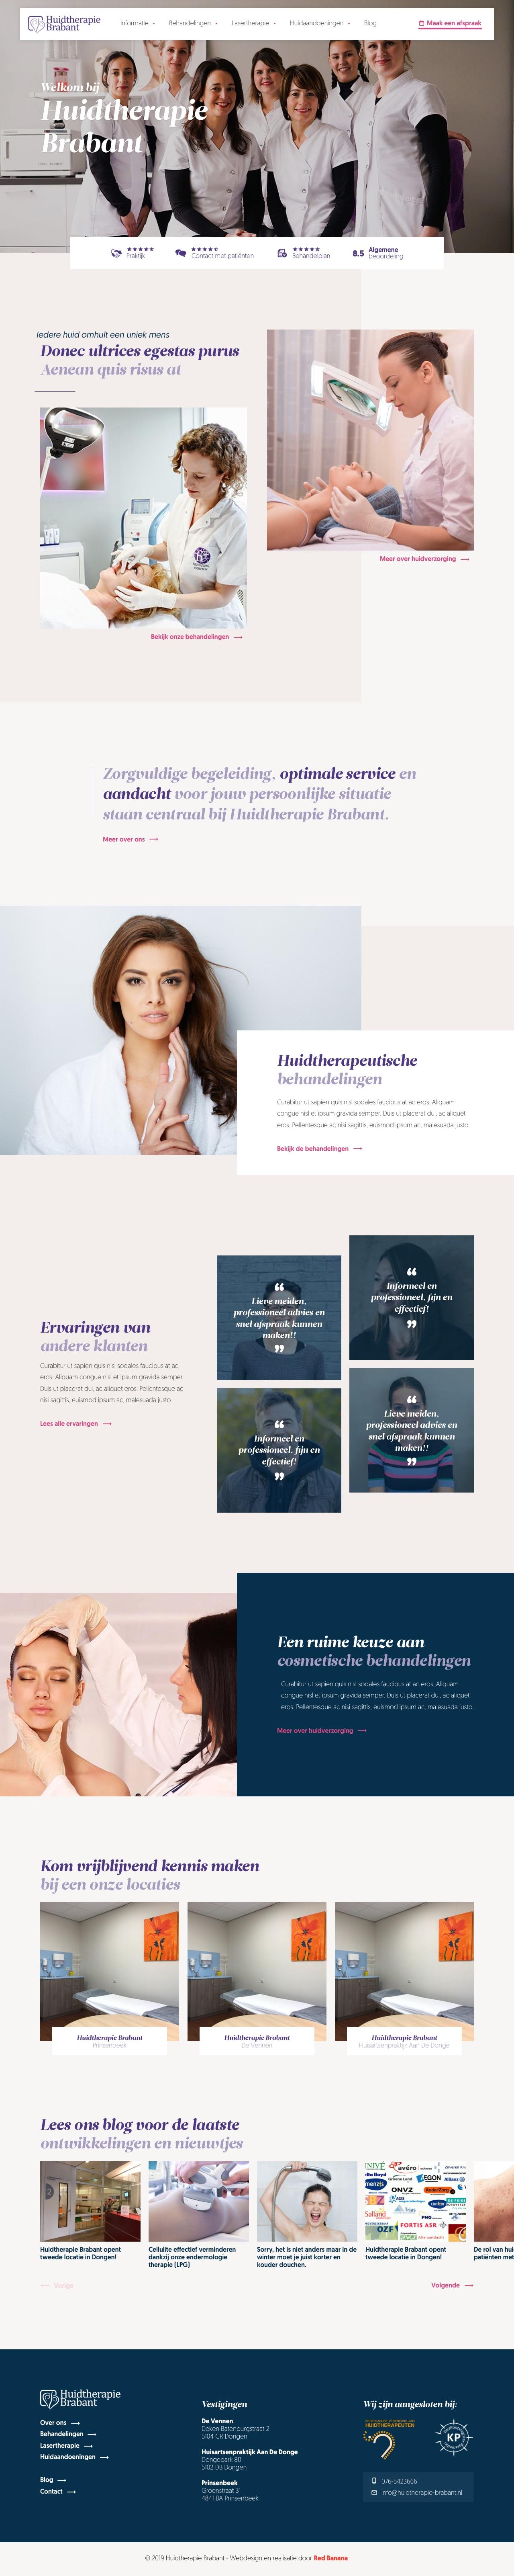 Bekijk de website van Huidtherapie Brabant